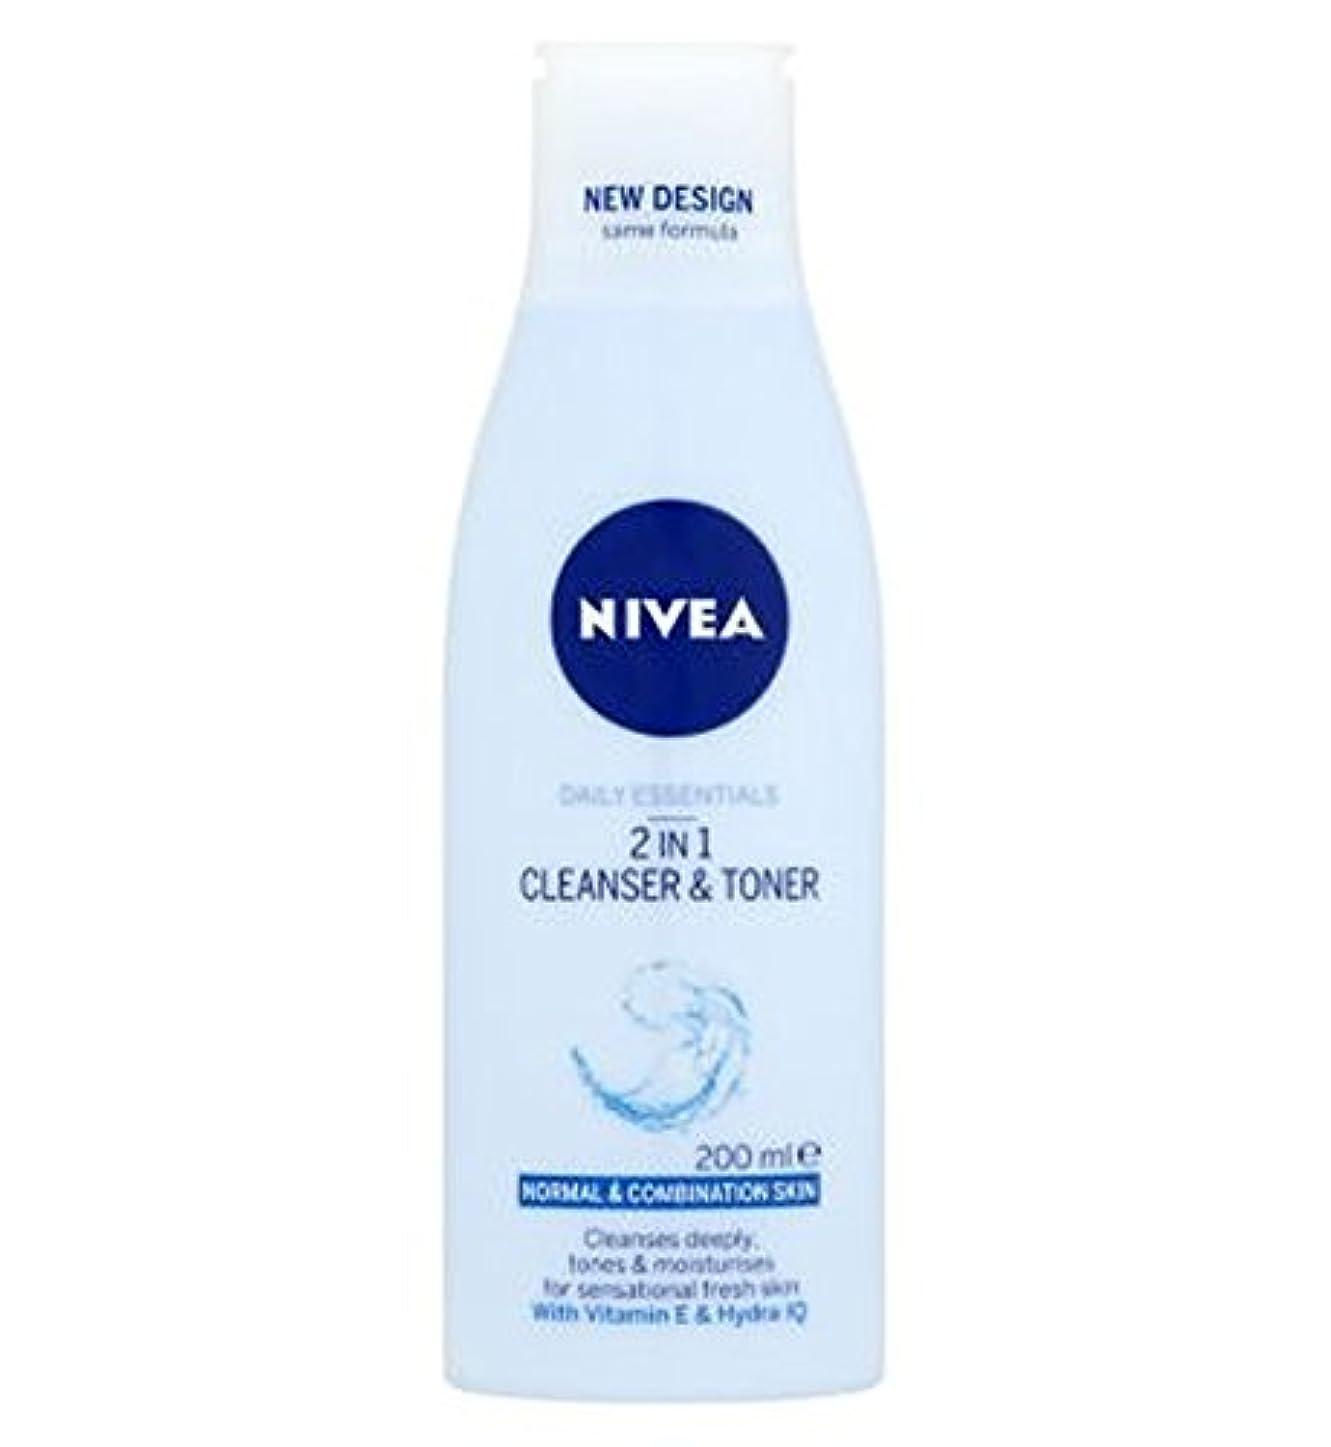 利用可能認可支払いNivea Daily Essentials 2 in 1 Cleanser and Toner 200ml - ニベア生活必需品2 1クレンザーとトナー200ミリリットルで (Nivea) [並行輸入品]